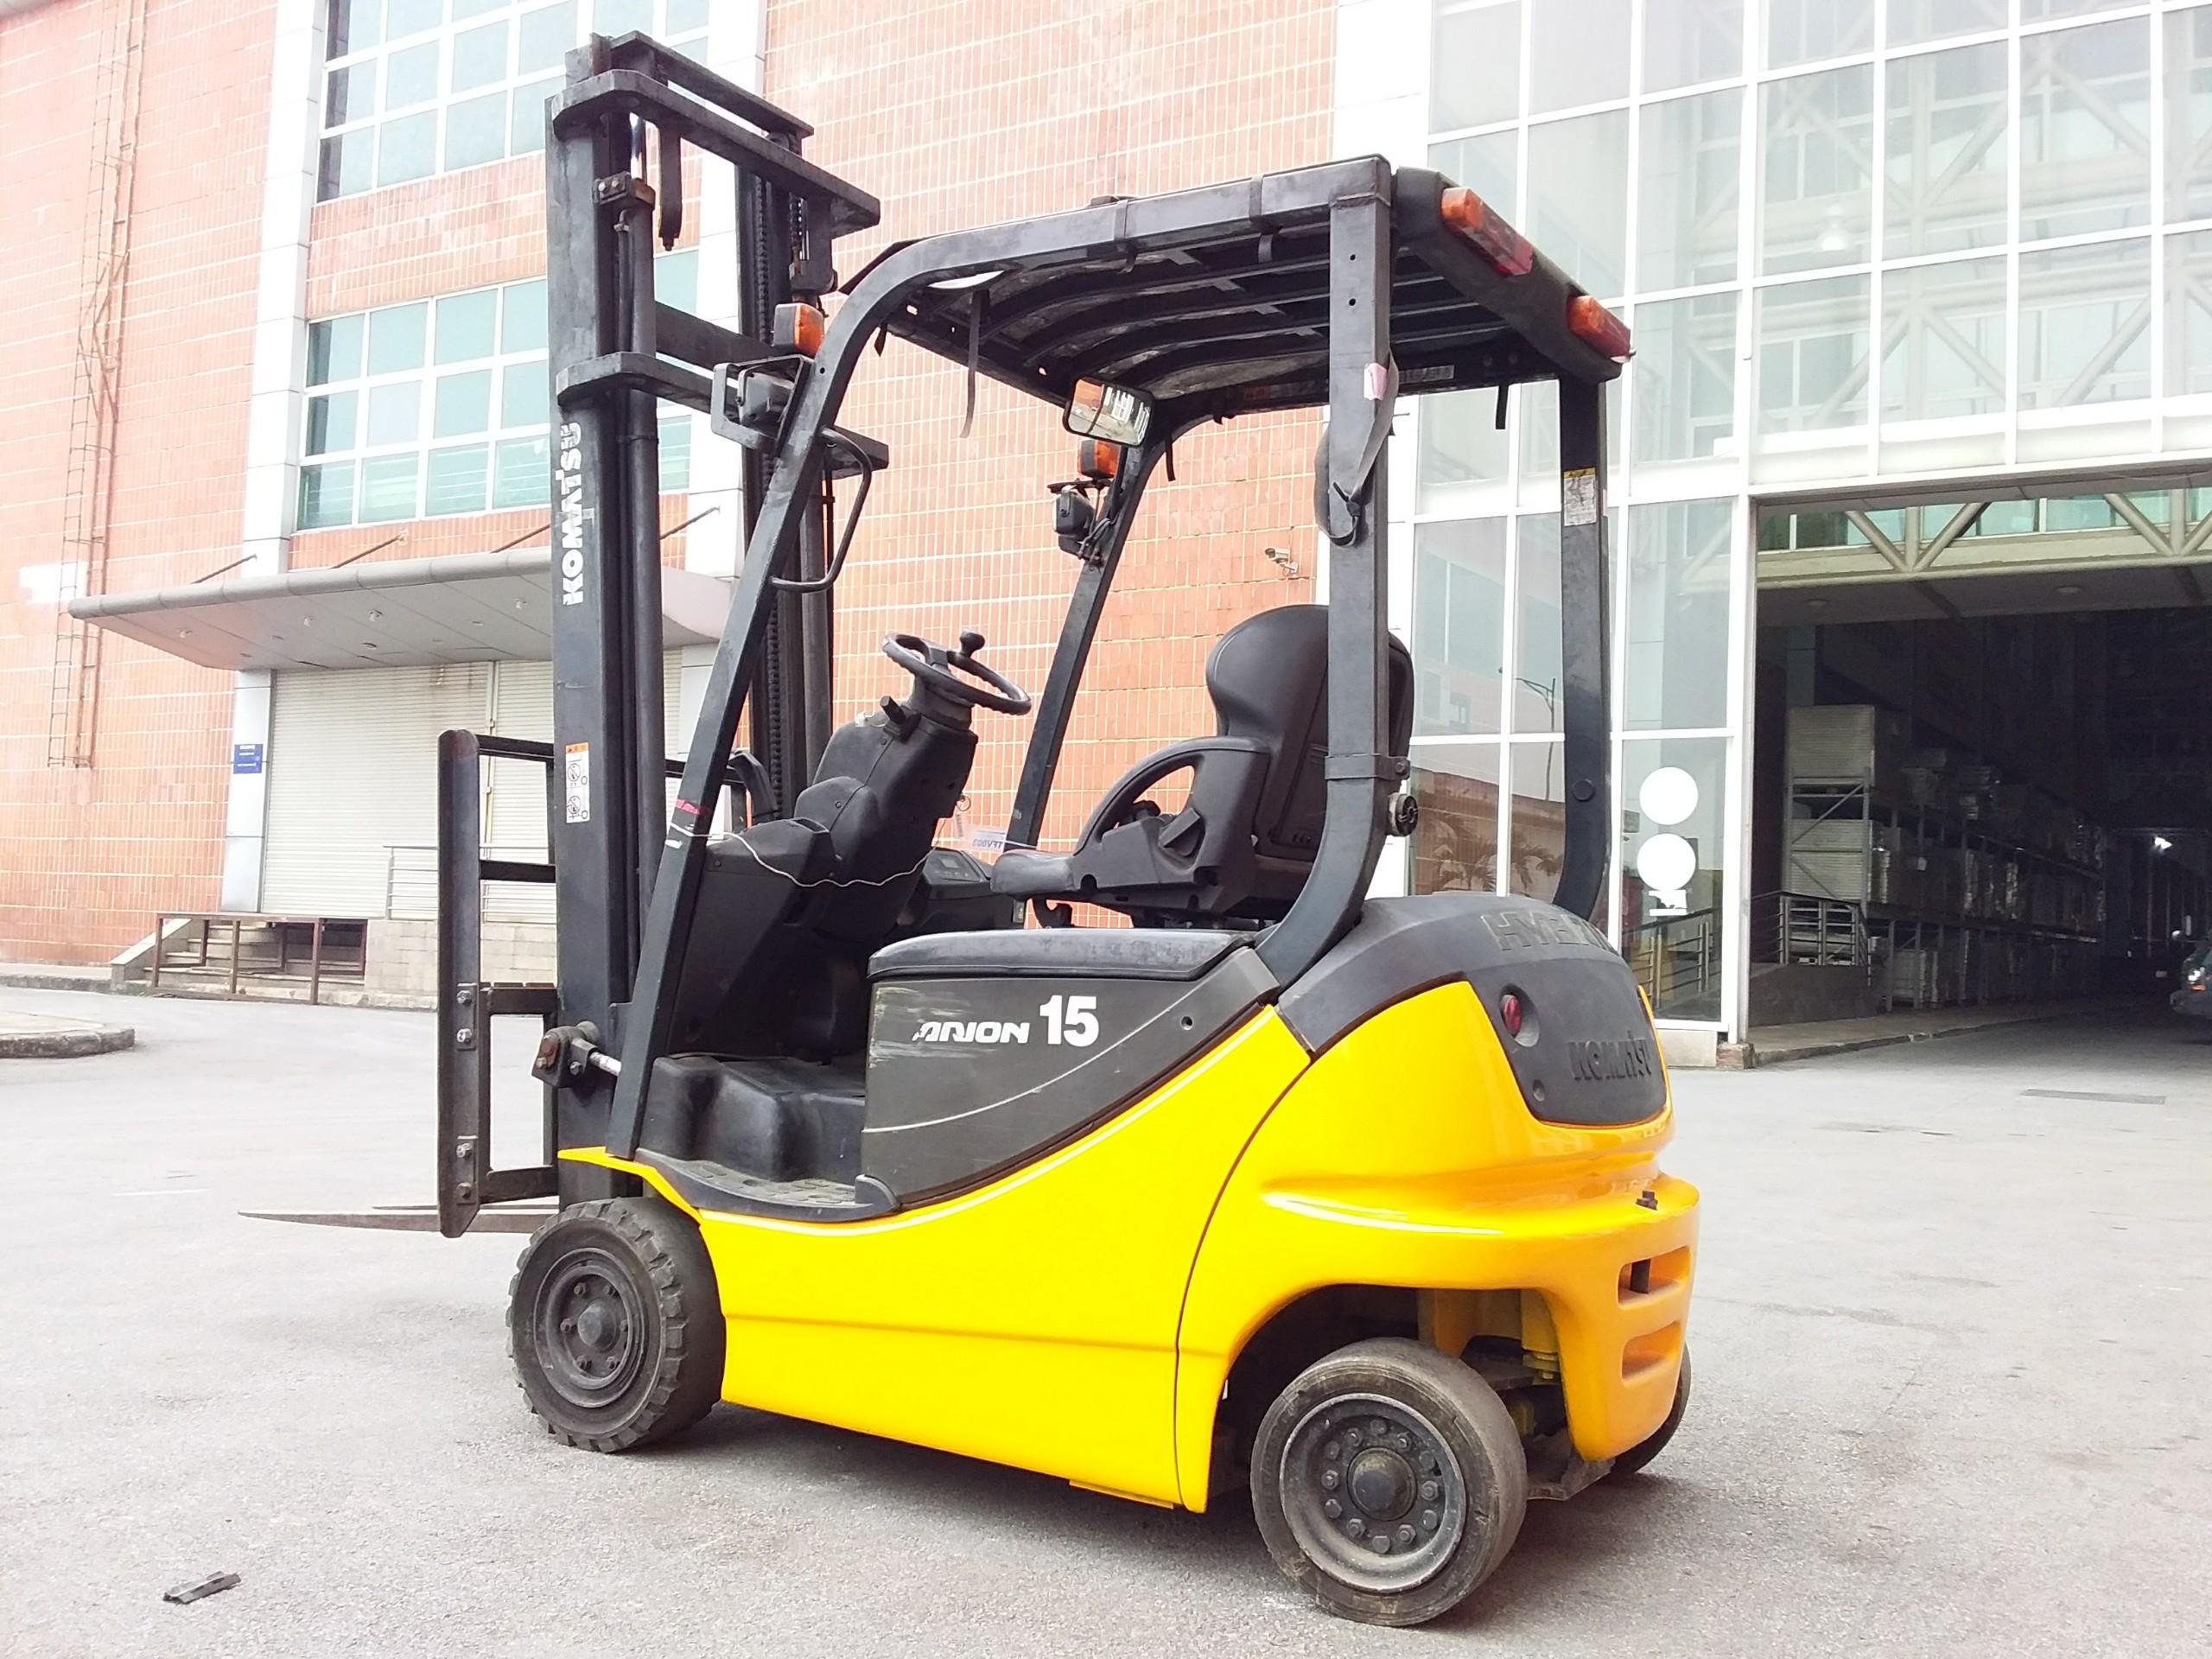 Xe nâng điên Komatsu 1,5t,v3000,2010,model FB15HB-12, Số khung 838446